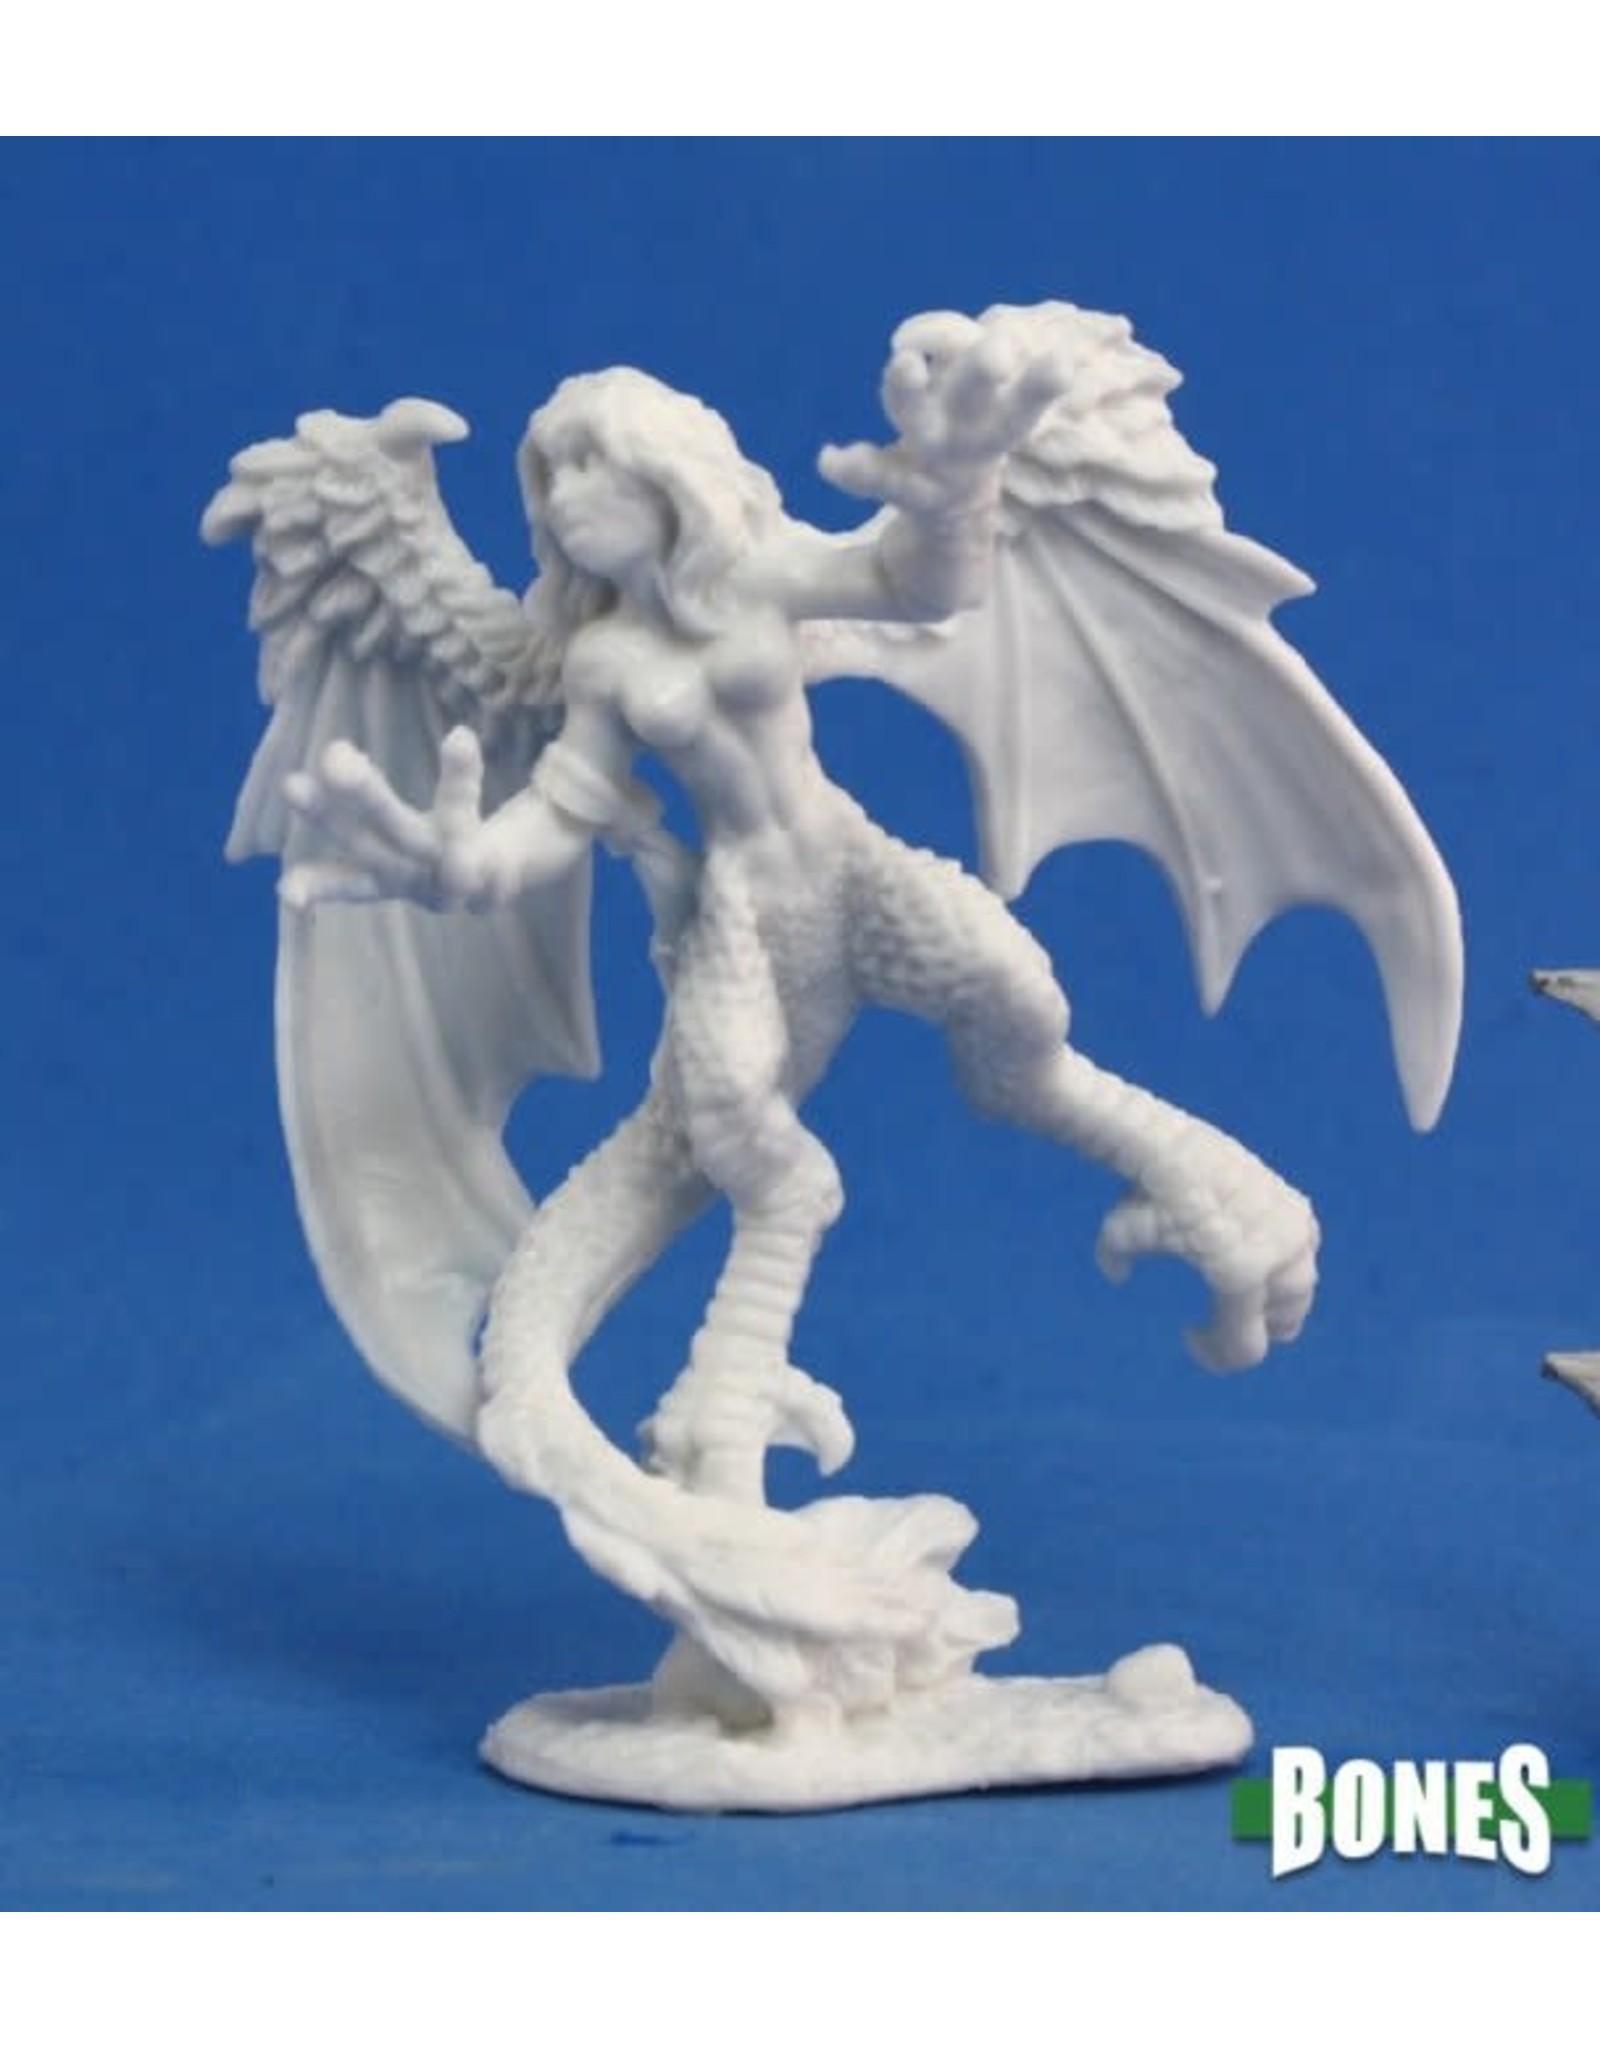 Reaper Miniatures Bones: Harpy